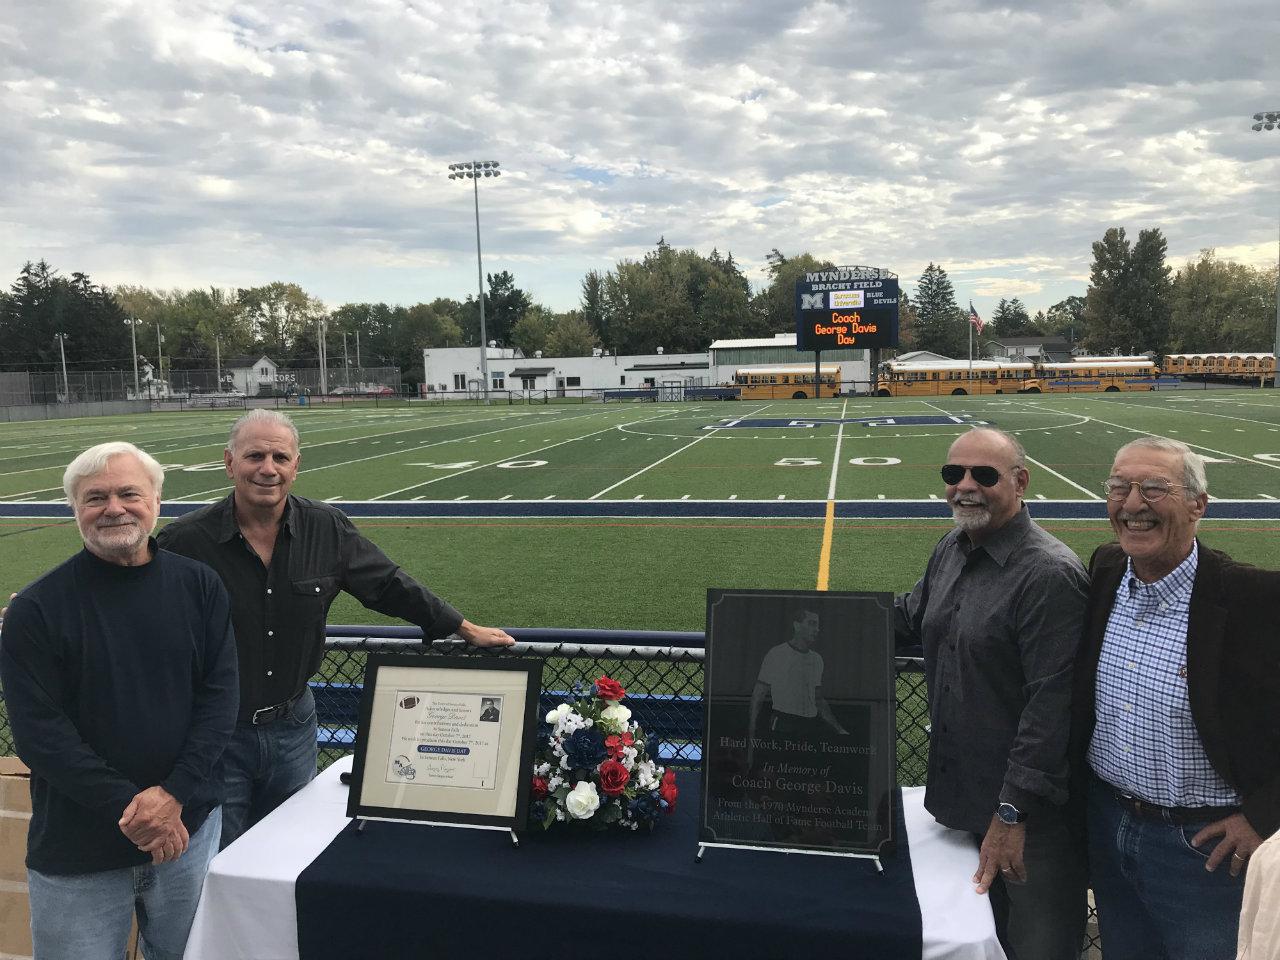 Coach Davis Day celebrated in Seneca Falls (photo)